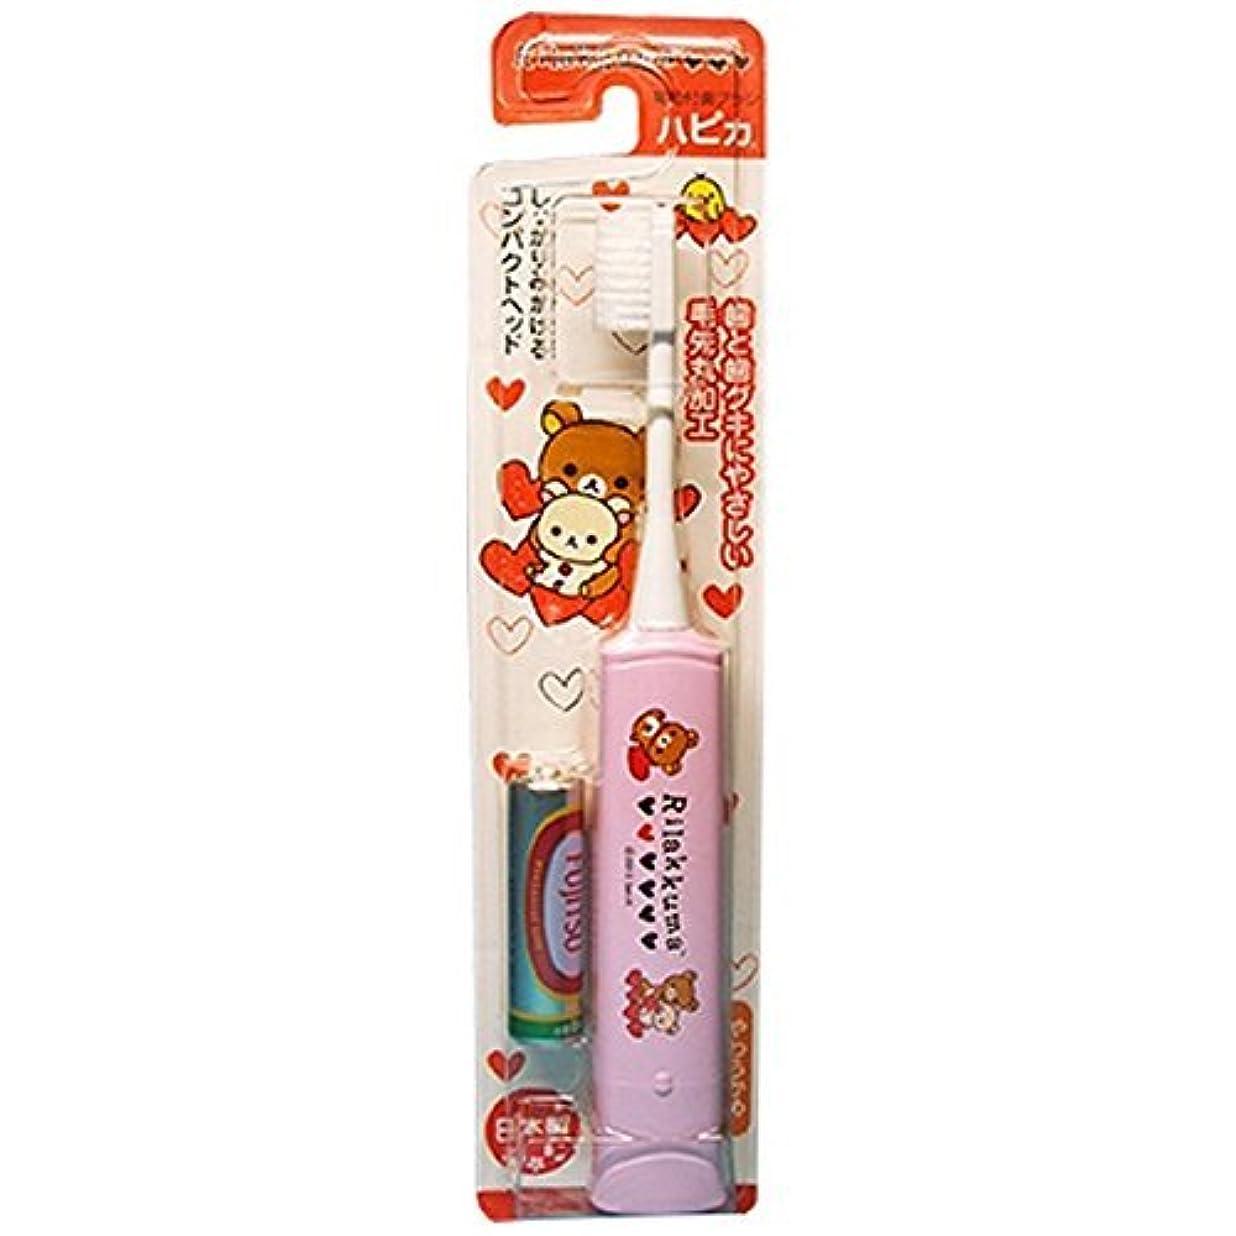 移民ボード後方ミニマム 電動付歯ブラシ リラックマハピカ ピンク 毛の硬さ:やわらかめ DBM-5P(RK)